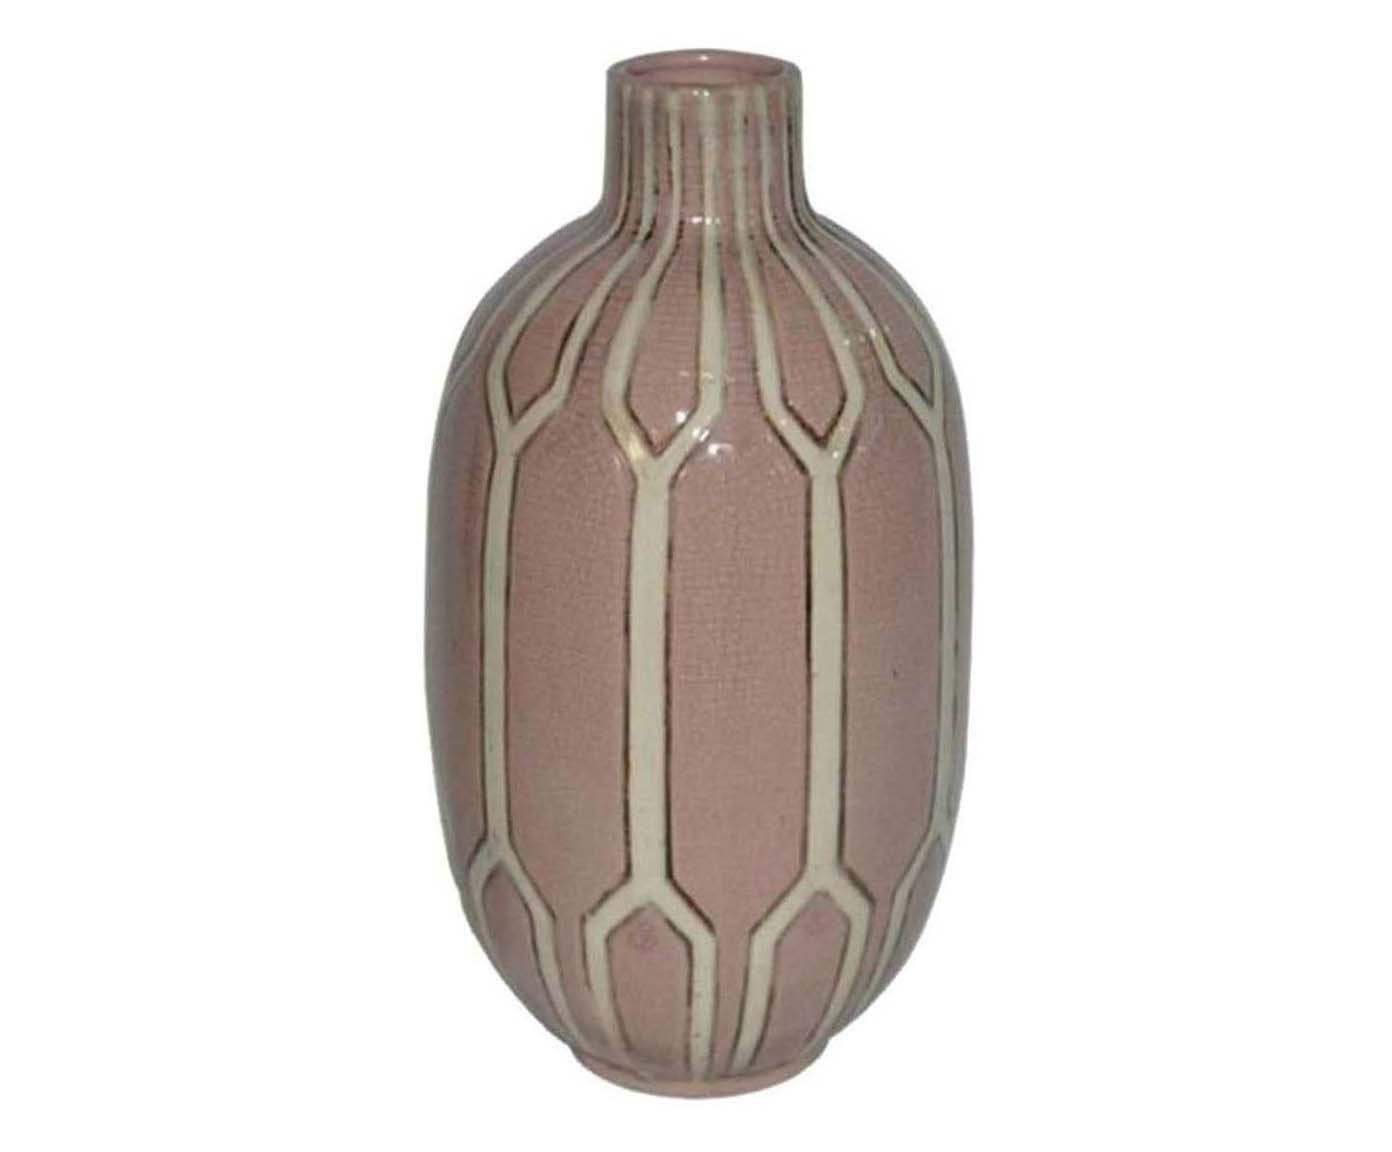 Vaso afrik arent - 36 x 19 cm | Westwing.com.br